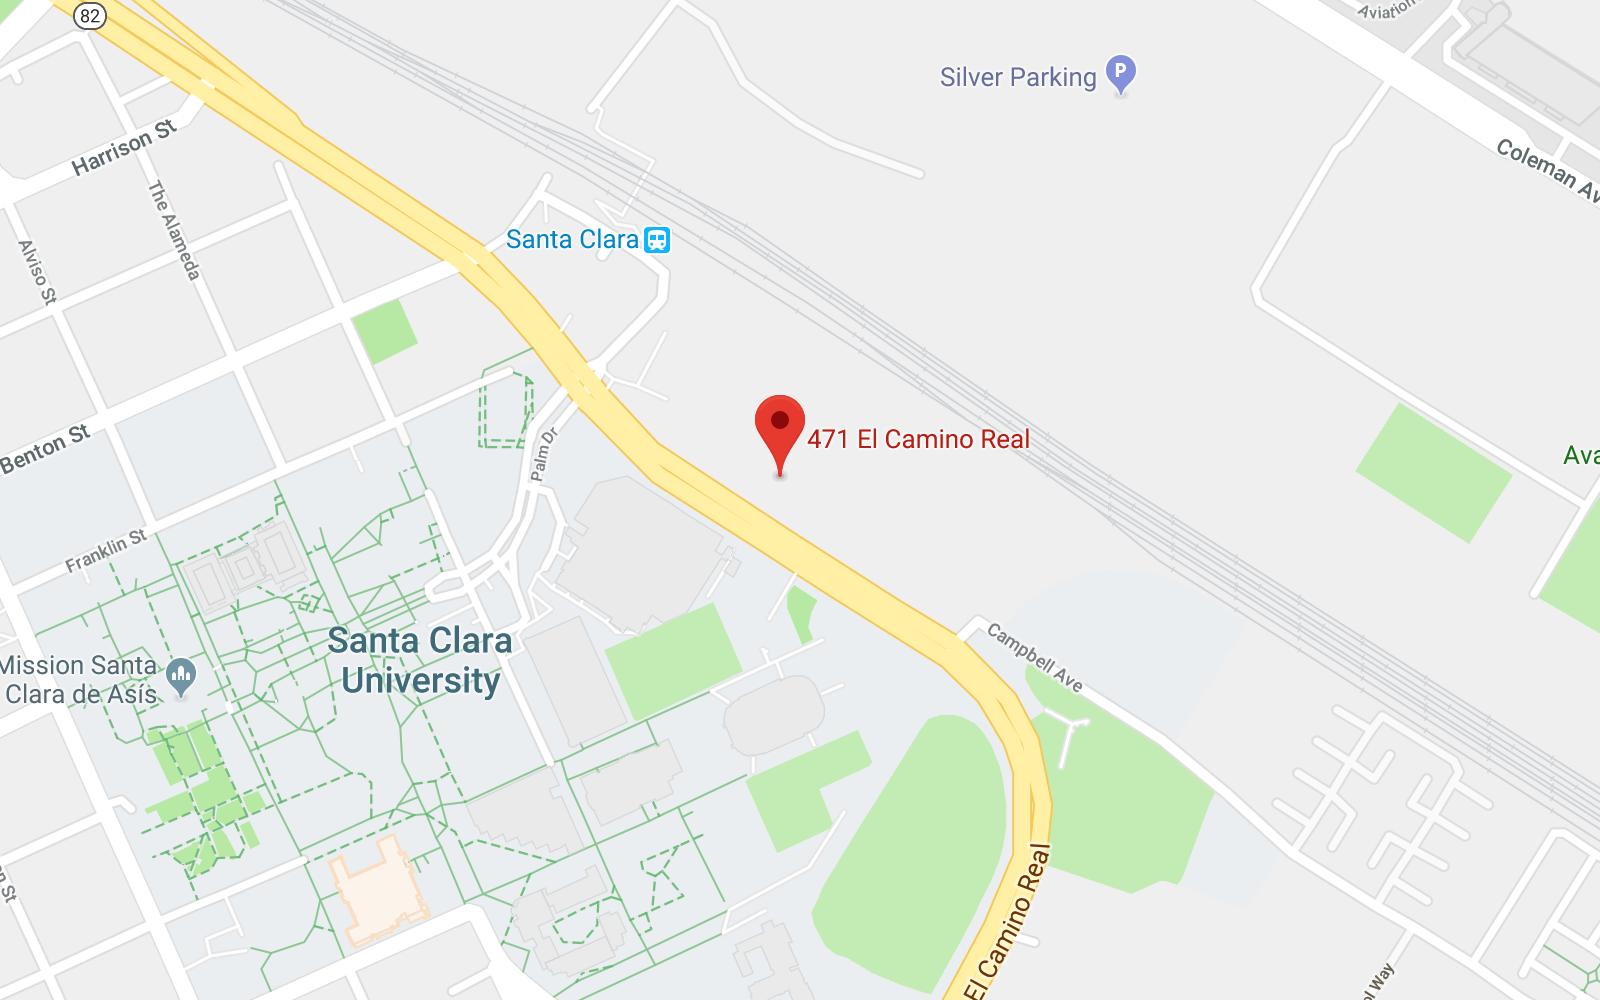 Location Santaclara